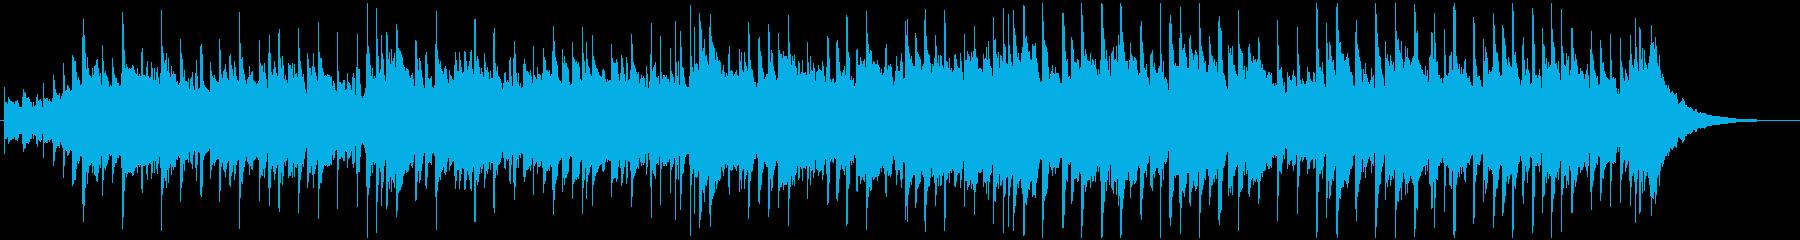 おしゃれでリラックスできるバラードの再生済みの波形